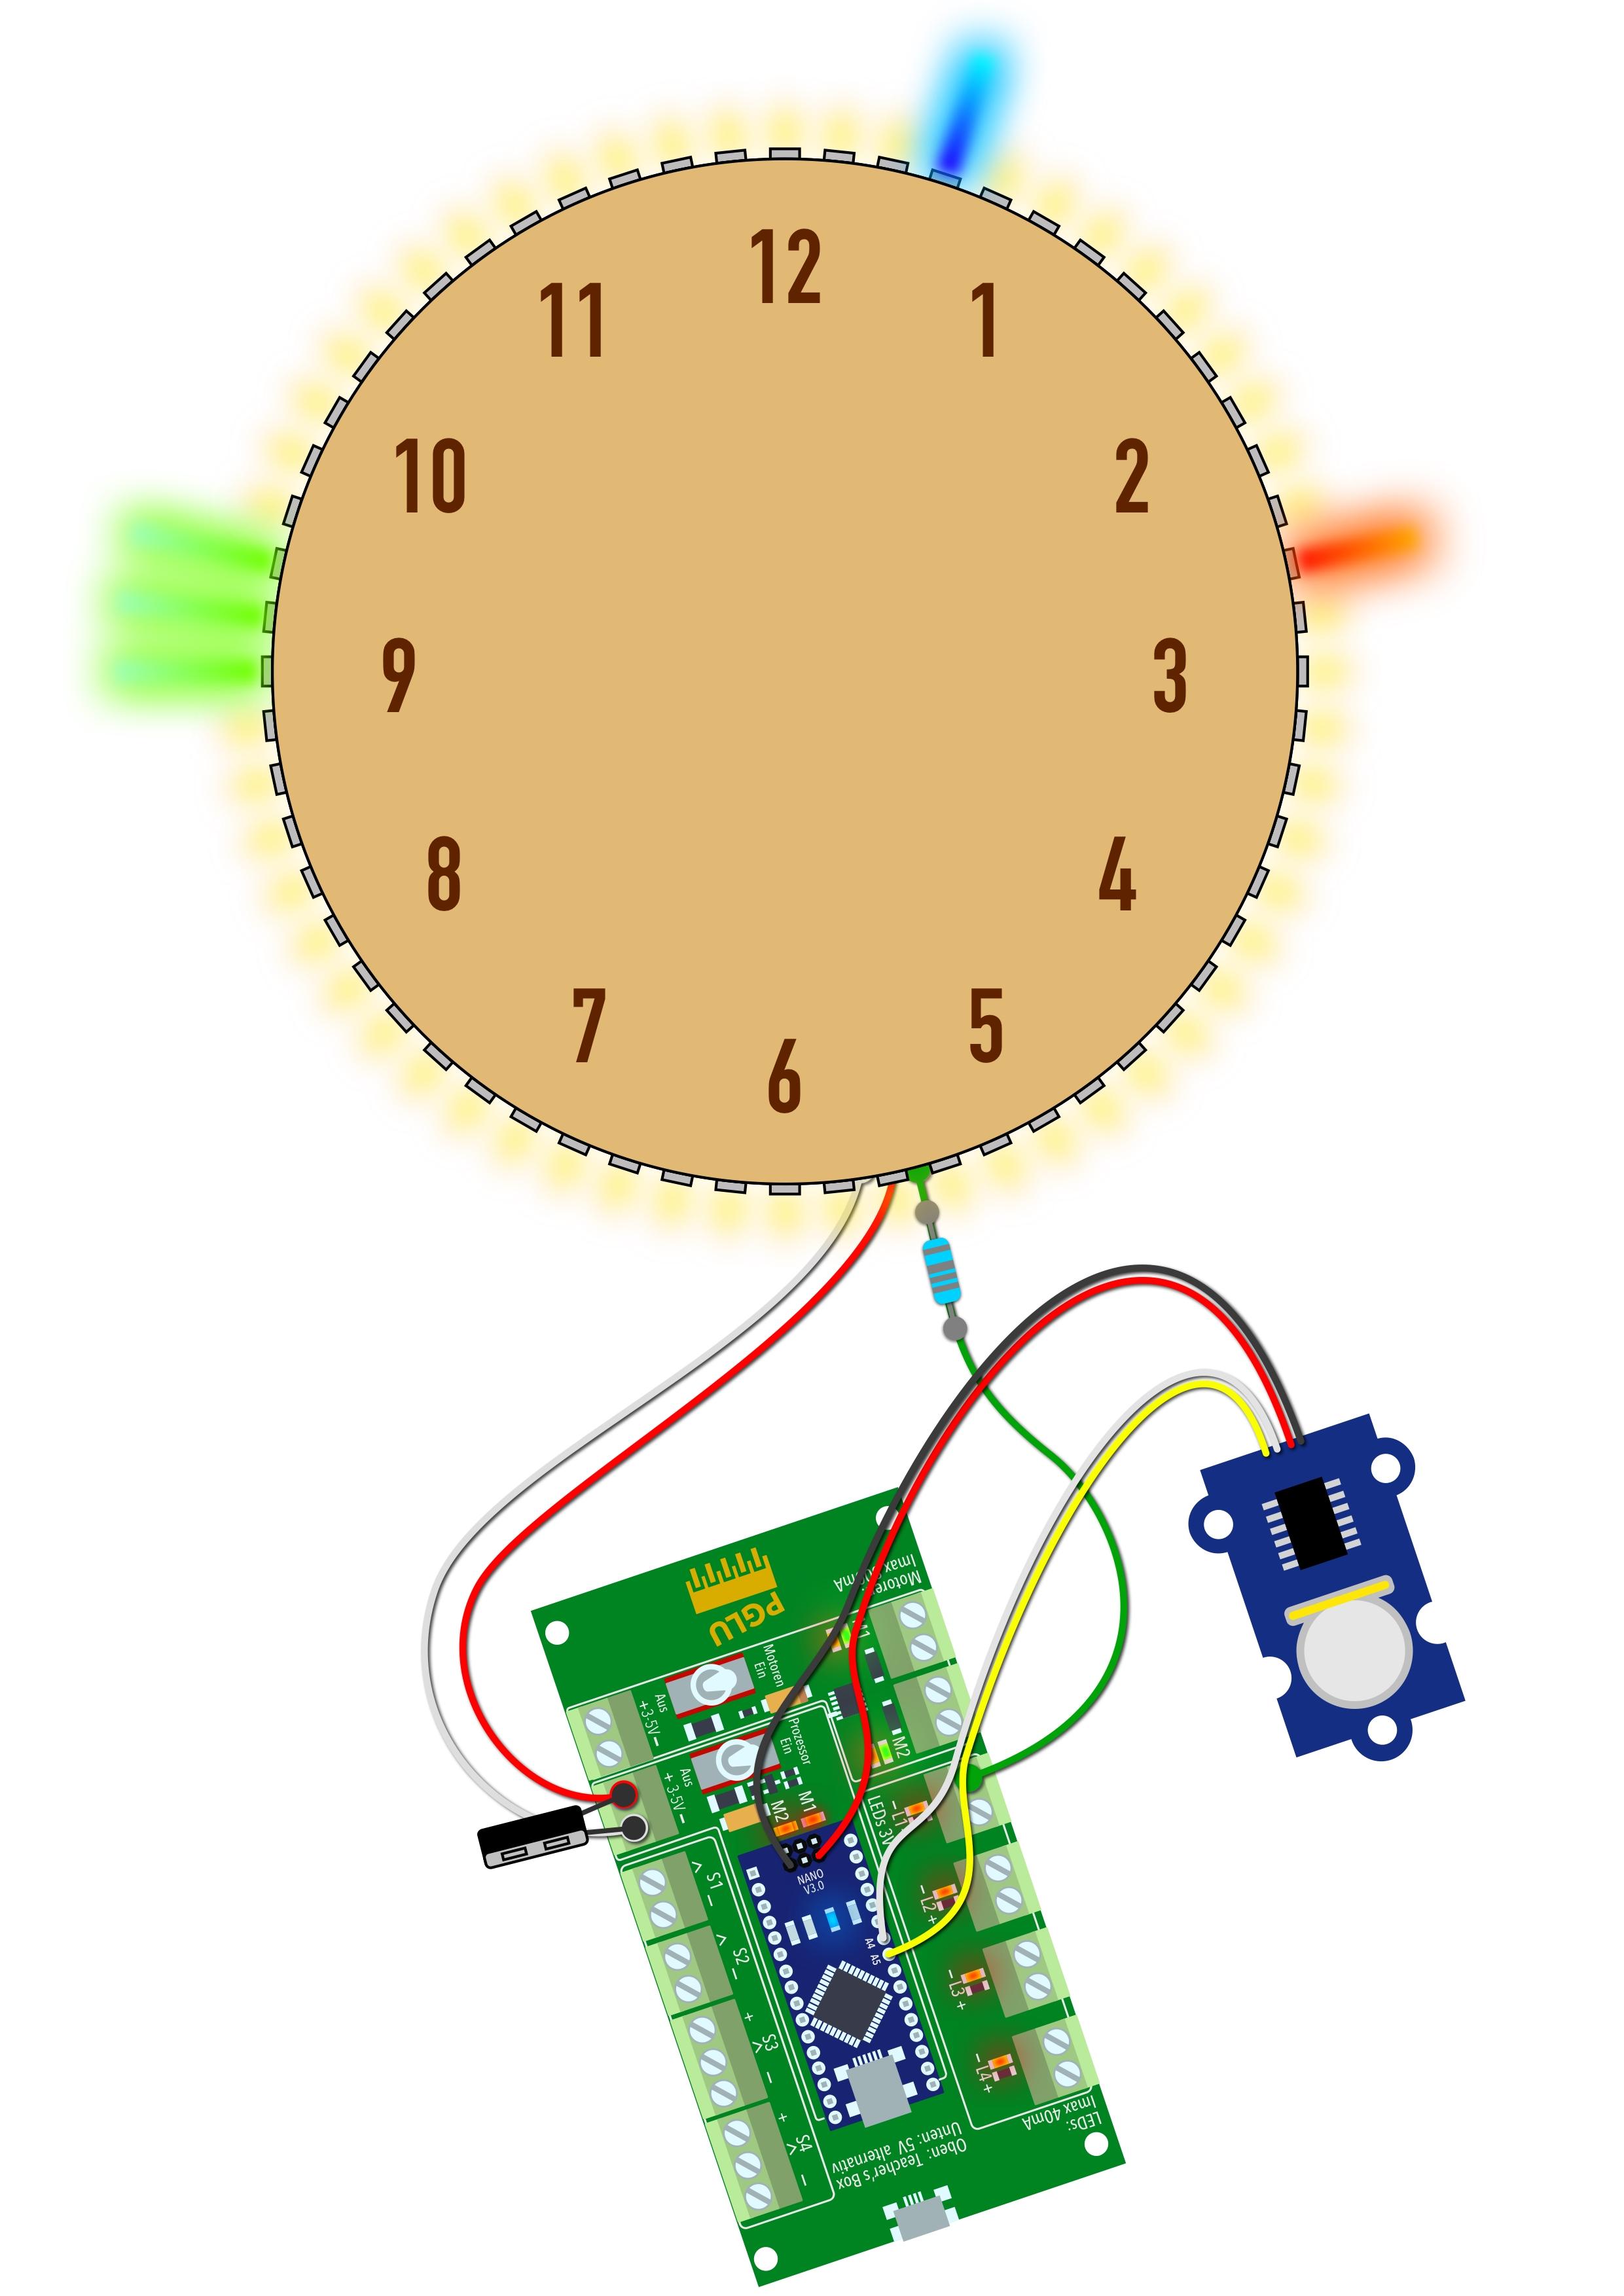 Preview image for LOM object Arduino Projekt - Neopixel Uhr gestalten und programmieren